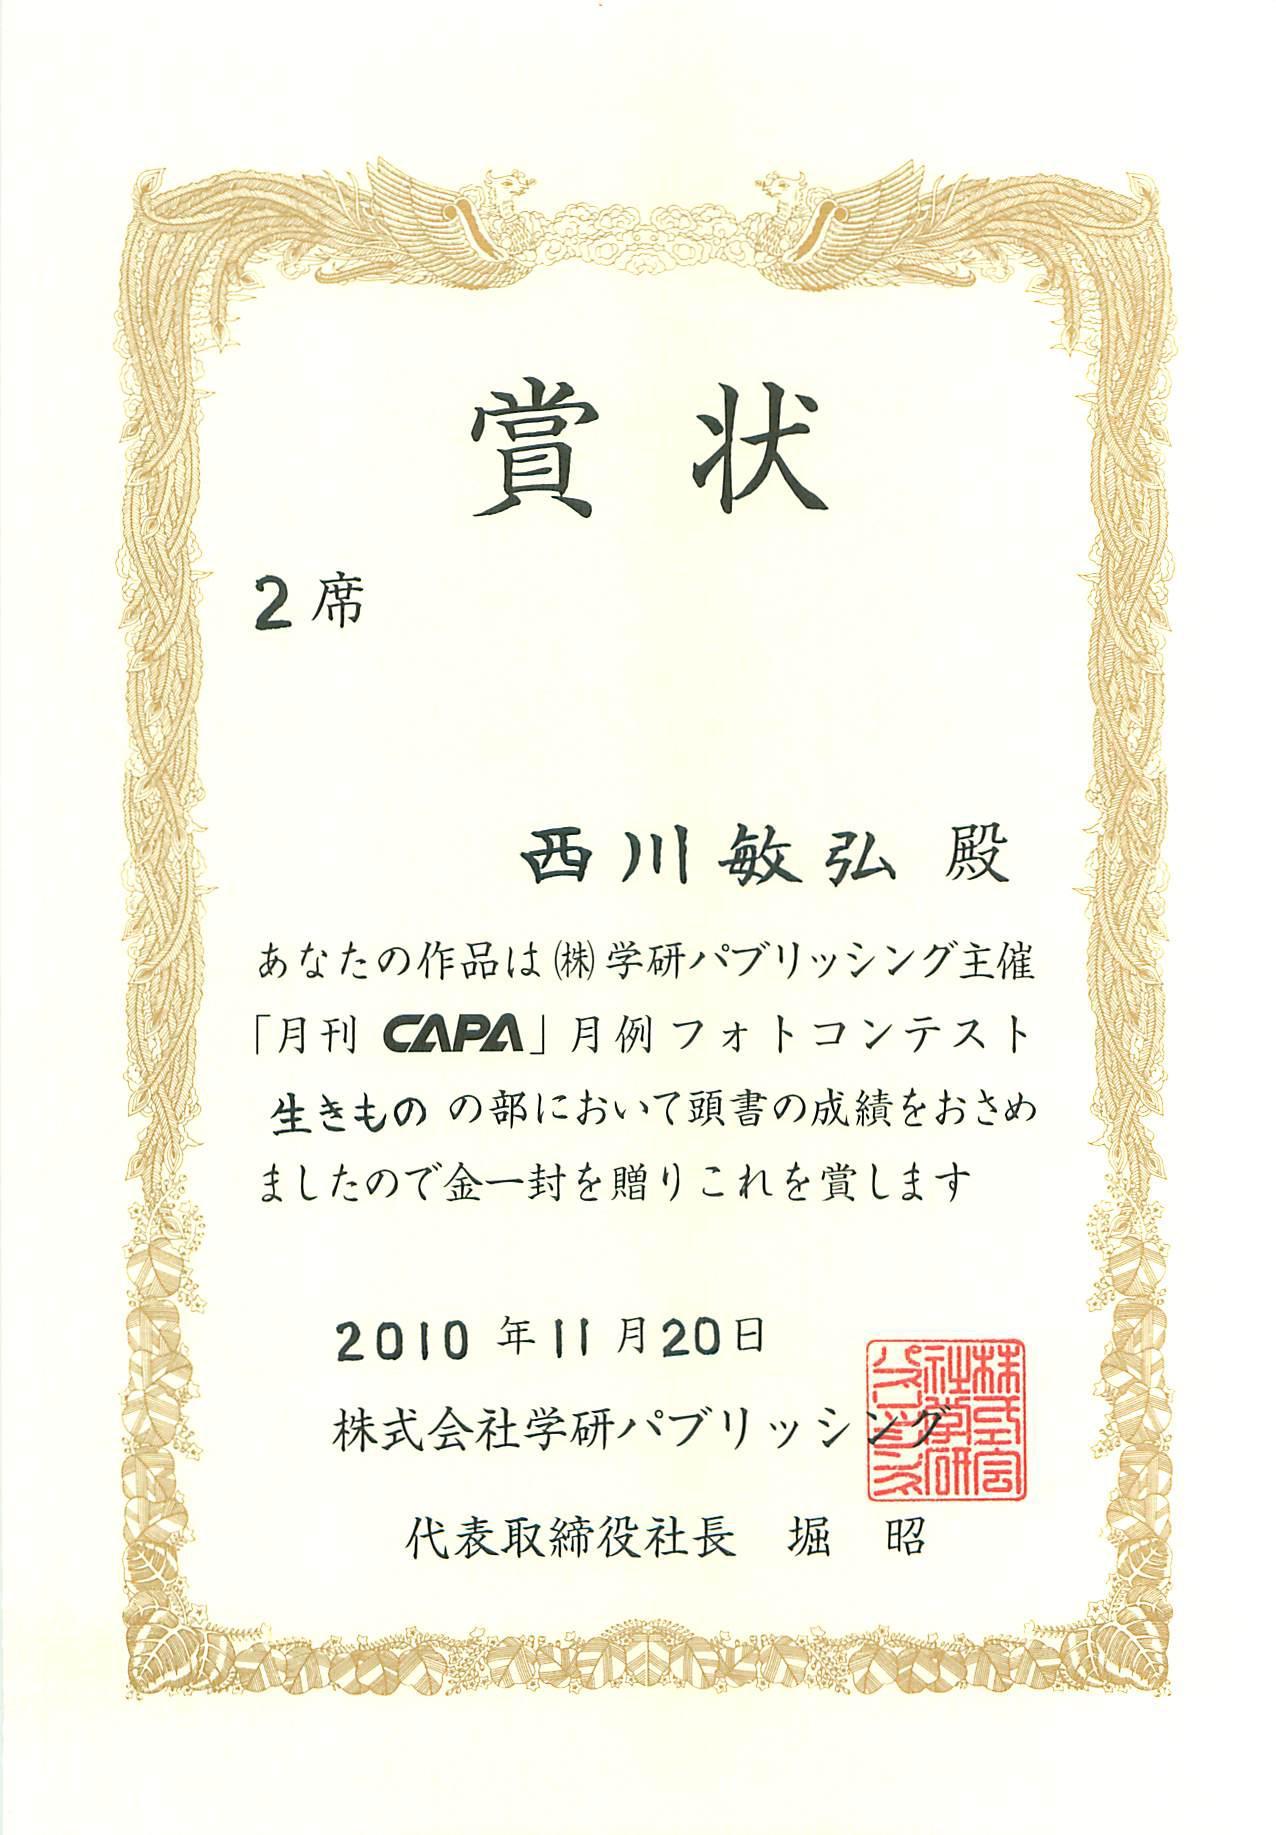 雑誌「CAPA」月例フォトコンテスト 2010年12月号 いきものの部2席_a0288226_311853.jpg